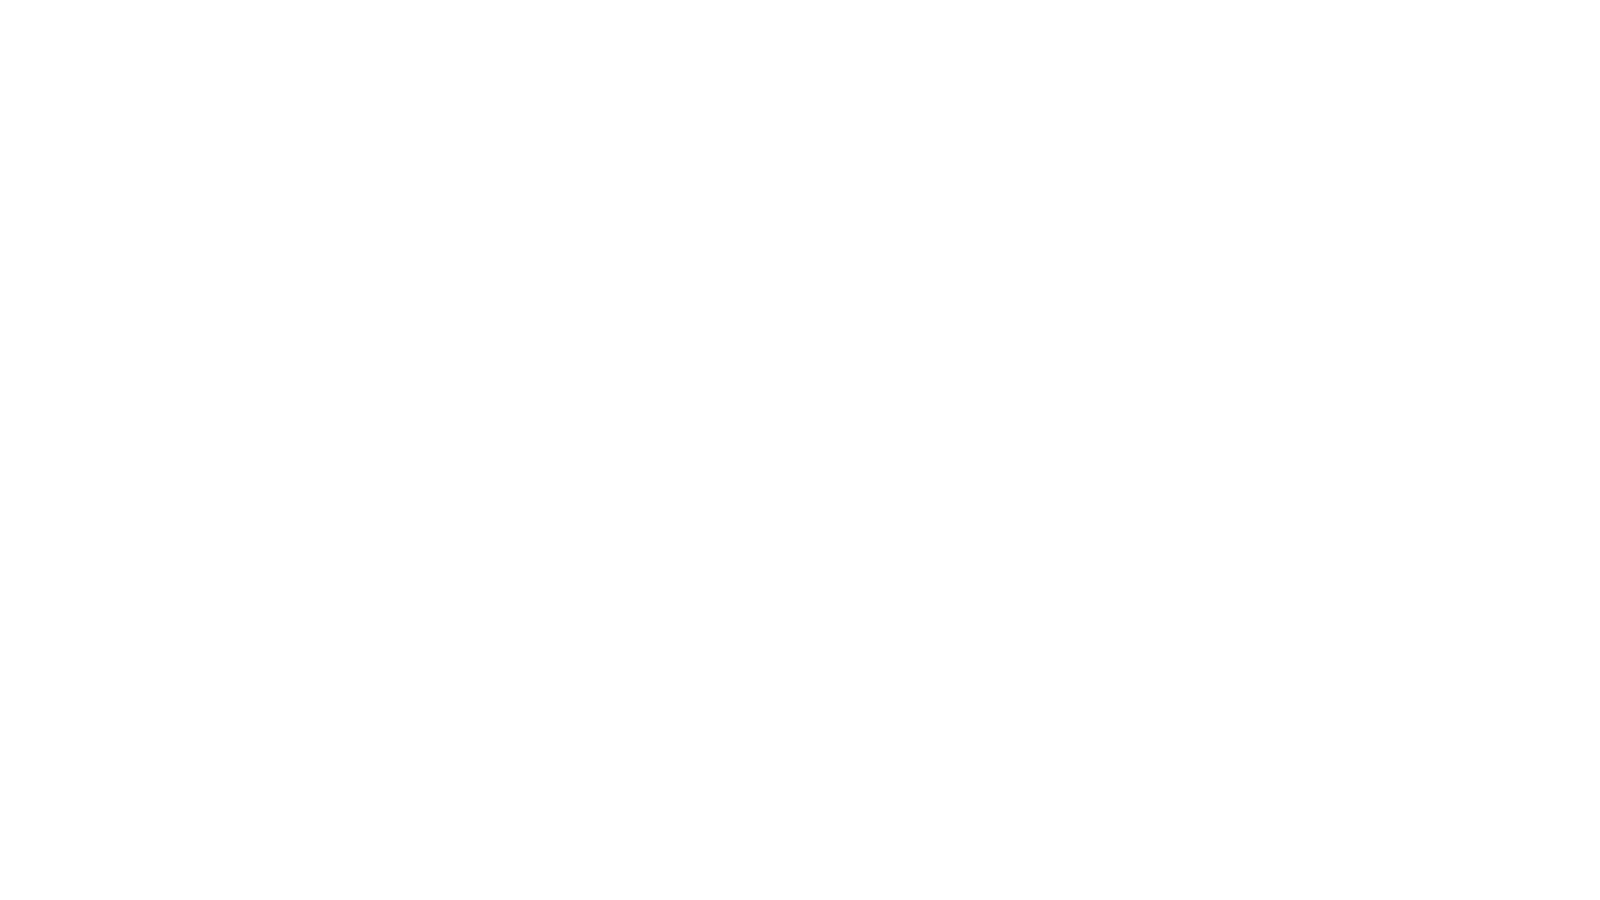 グラデーションカラーで 今回はピンクレッドカラーをしました!  ブリーチを1回しているので、 素敵なお色味に仕上がりました✨  インナーカラーでもおすすめです👍  担当 小湊 萌未   #ピンクレッドカラー #ブリーチ #グラデーションカラー #ヘアカラー #ピンクヘアカラー #レッドヘアカラー #インナーカラー #美容室スプラッシュ #代々木八幡美容室スプラッシュ #代々木八幡 #富ヶ谷 #女性美容師